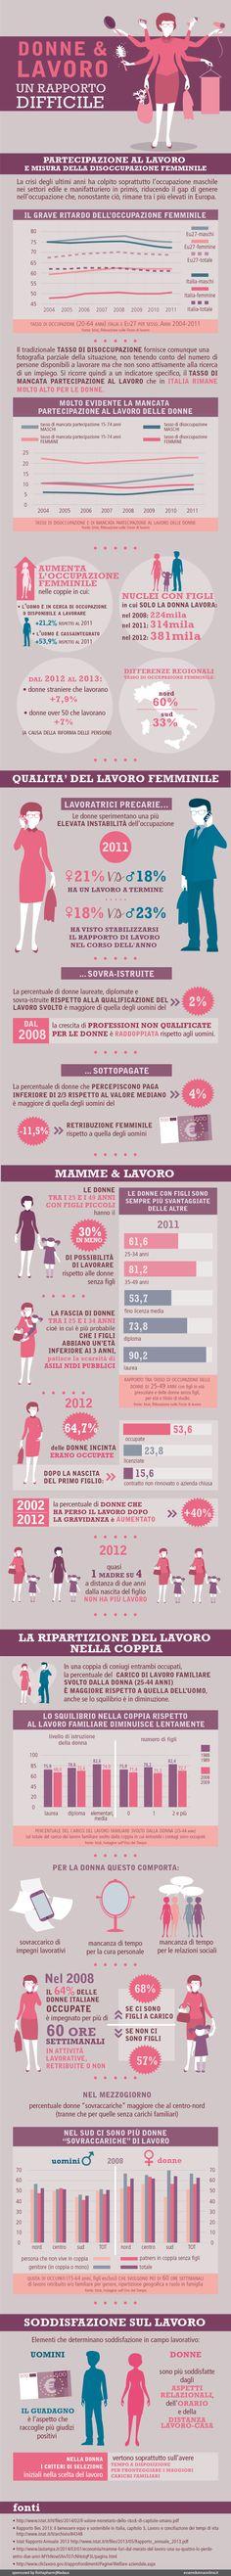 Donne e lavoro | Infografica di Esseredonnaonline